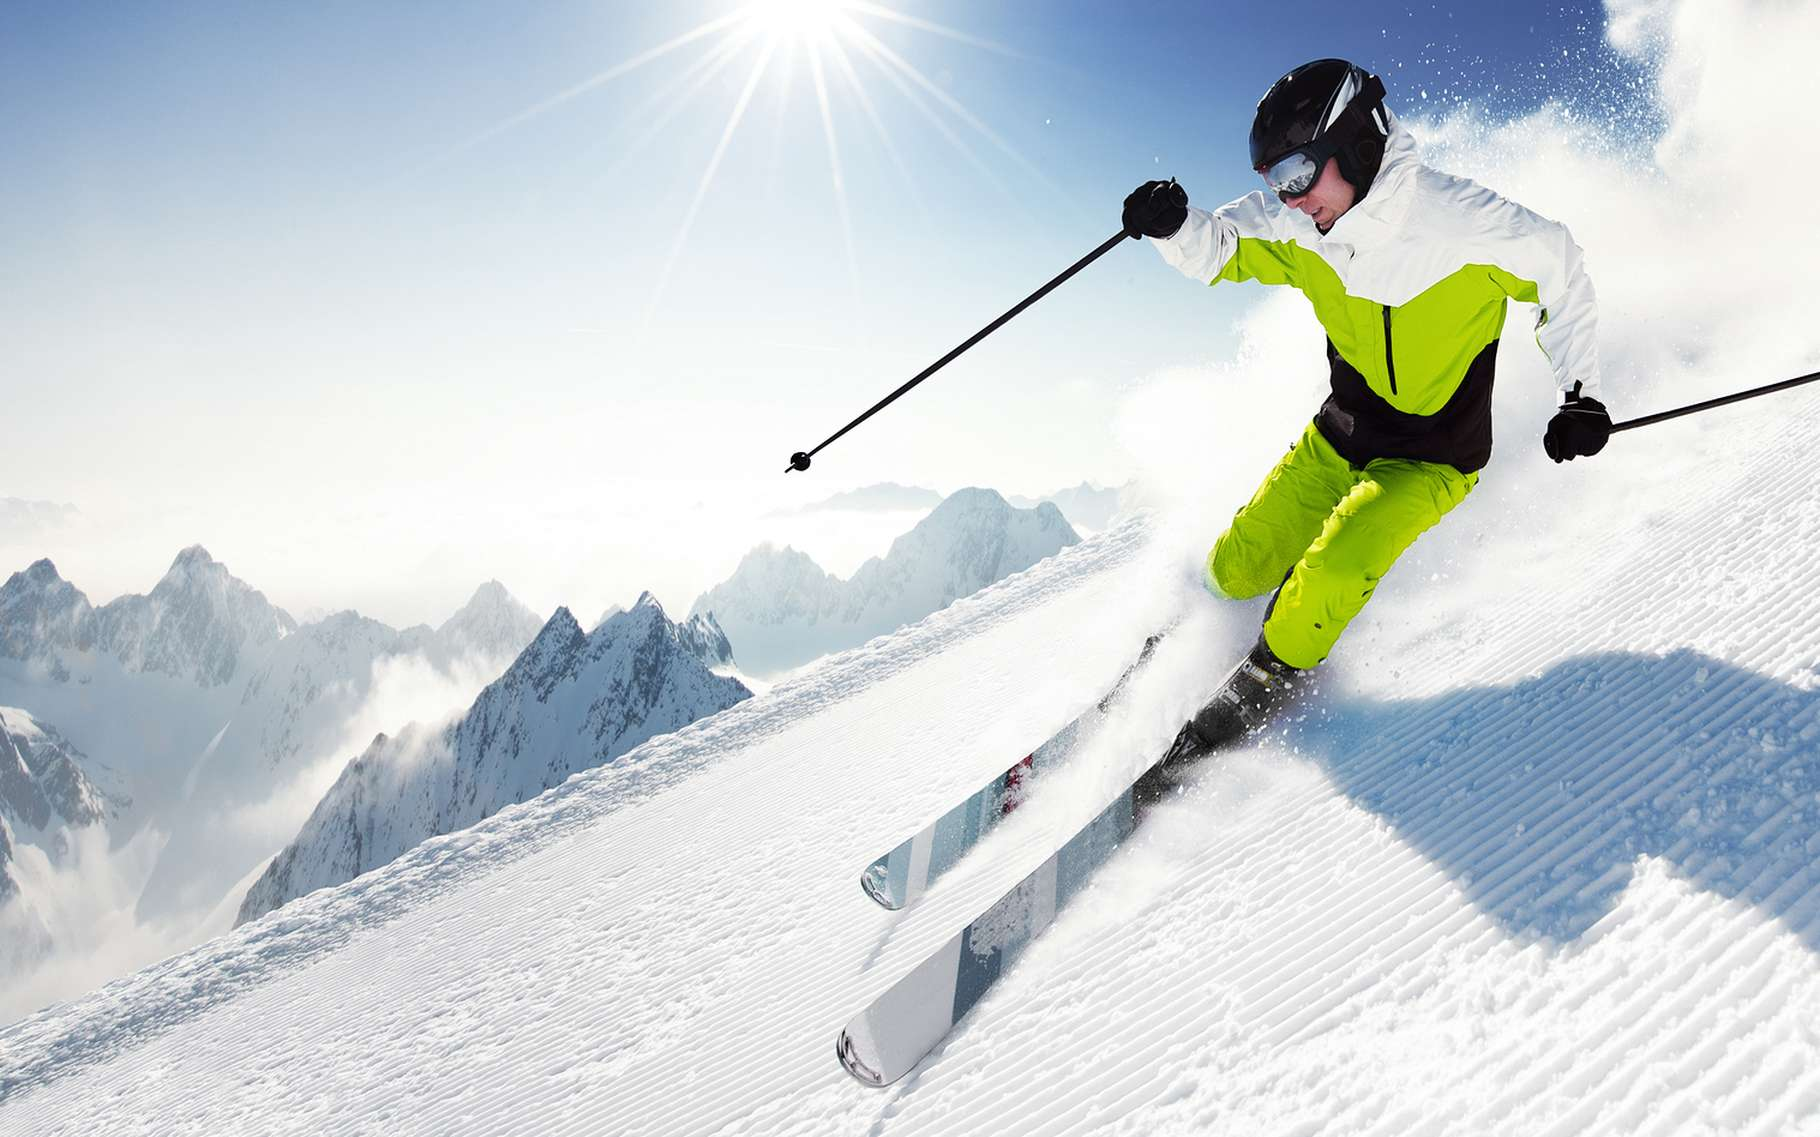 La tribologie s'applique aussi au matériel sportif lorsqu'elle optimise les surfaces – des skis, par exemple – pour leur assurer un meilleur glissement. © IM_photo, Shutterstock